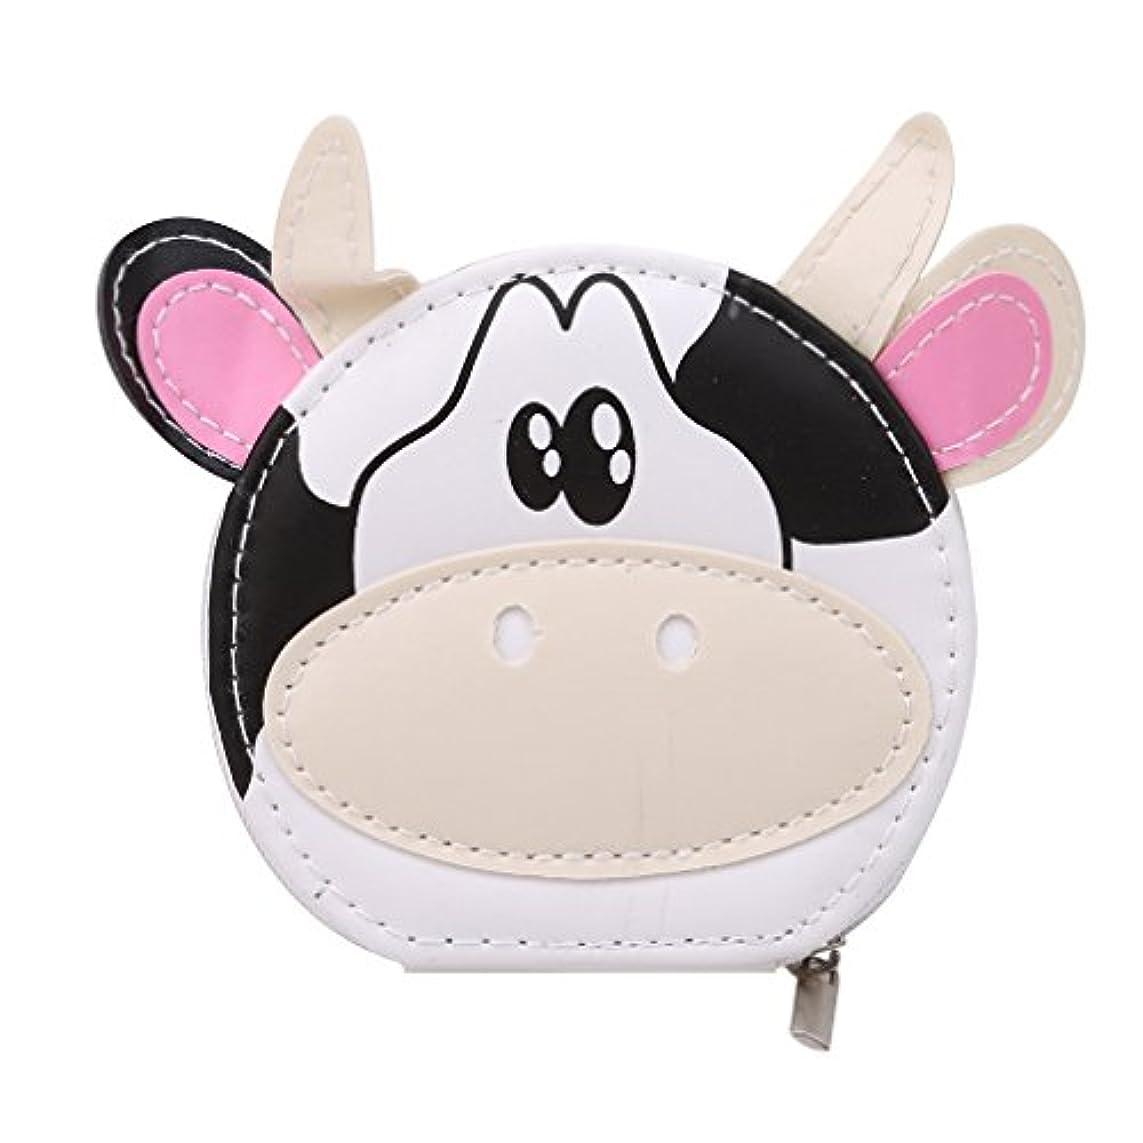 分子口実マウンドYUEHAO ネイルケア セット 爪切りセット携帯便利のグルーミング キット ステンレス製 つめきり 8点セット かわいい ホワイト乳牛